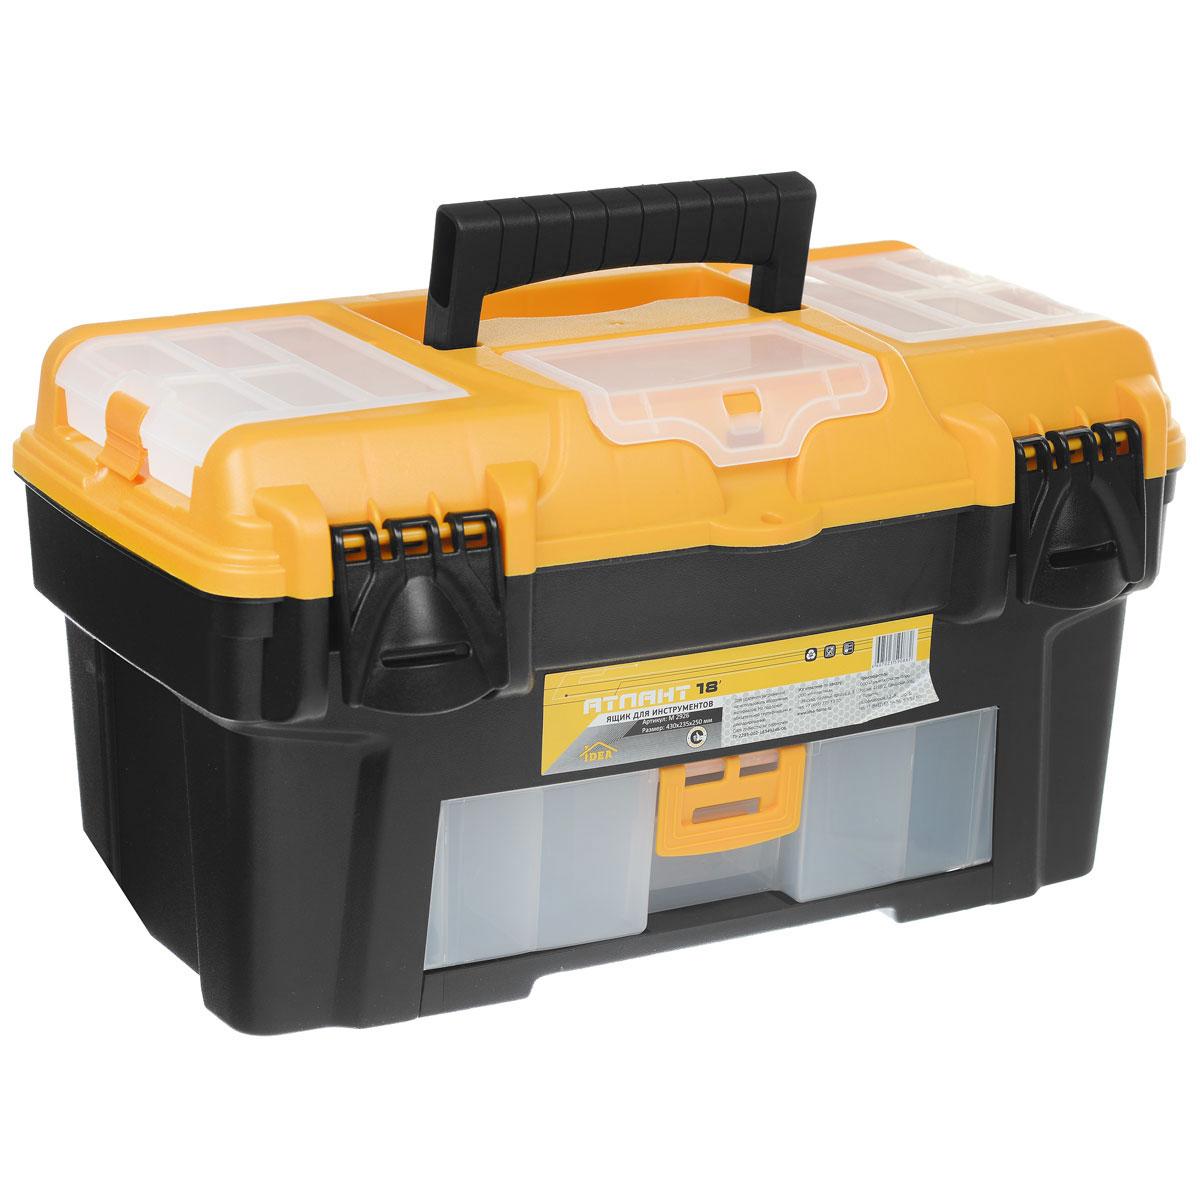 Ящик для инструментов Idea Атлант 18, со съемным органайзером, 43 х 23,5 х 25 смМ 2926Ящик Idea Атлант 18 изготовлен из прочного пластика и предназначен для хранения и переноски инструментов. Вместительный, внутри имеет большое главное отделение. В комплект входит съемный лоток с ручкой для инструментов. На лицевой стороне ящика находится органайзер. Крышка оснащена двумя съемными органайзерами и отделением для хранения бит. Ящик закрывается при помощи крепких защелок, которые не допускают случайного открывания. Для более комфортного переноса в руках, на крышке ящика предусмотрена удобная ручка.